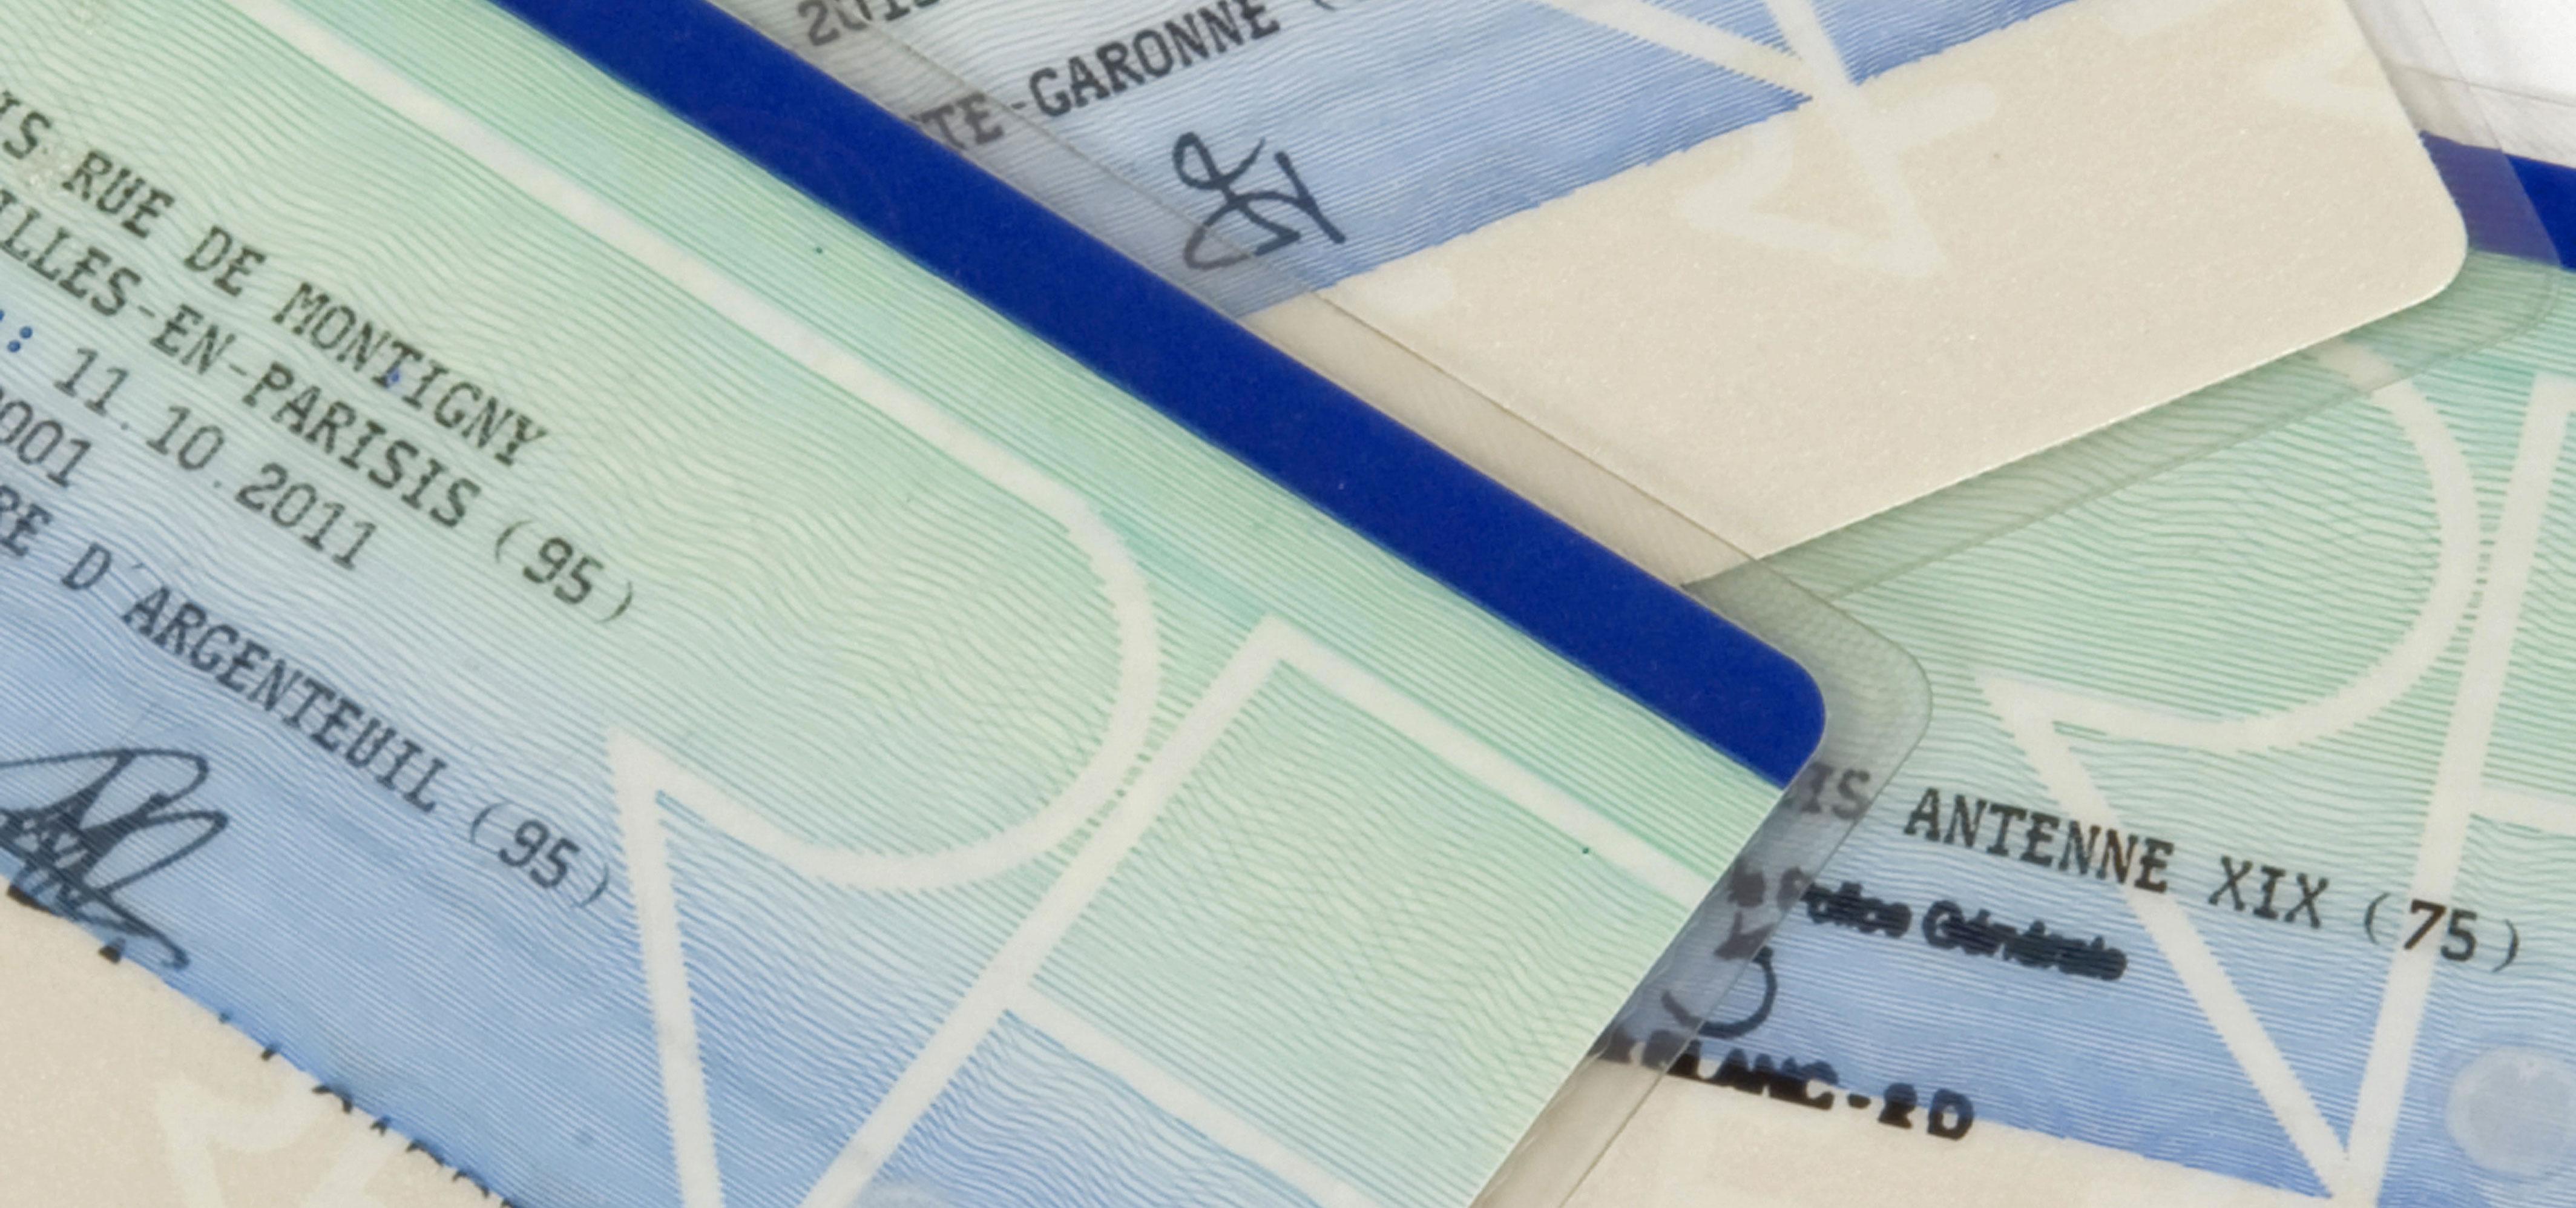 carte d identité valable 15 ans Durée de validité de la CNI / L'actu du Ministère / Actualités